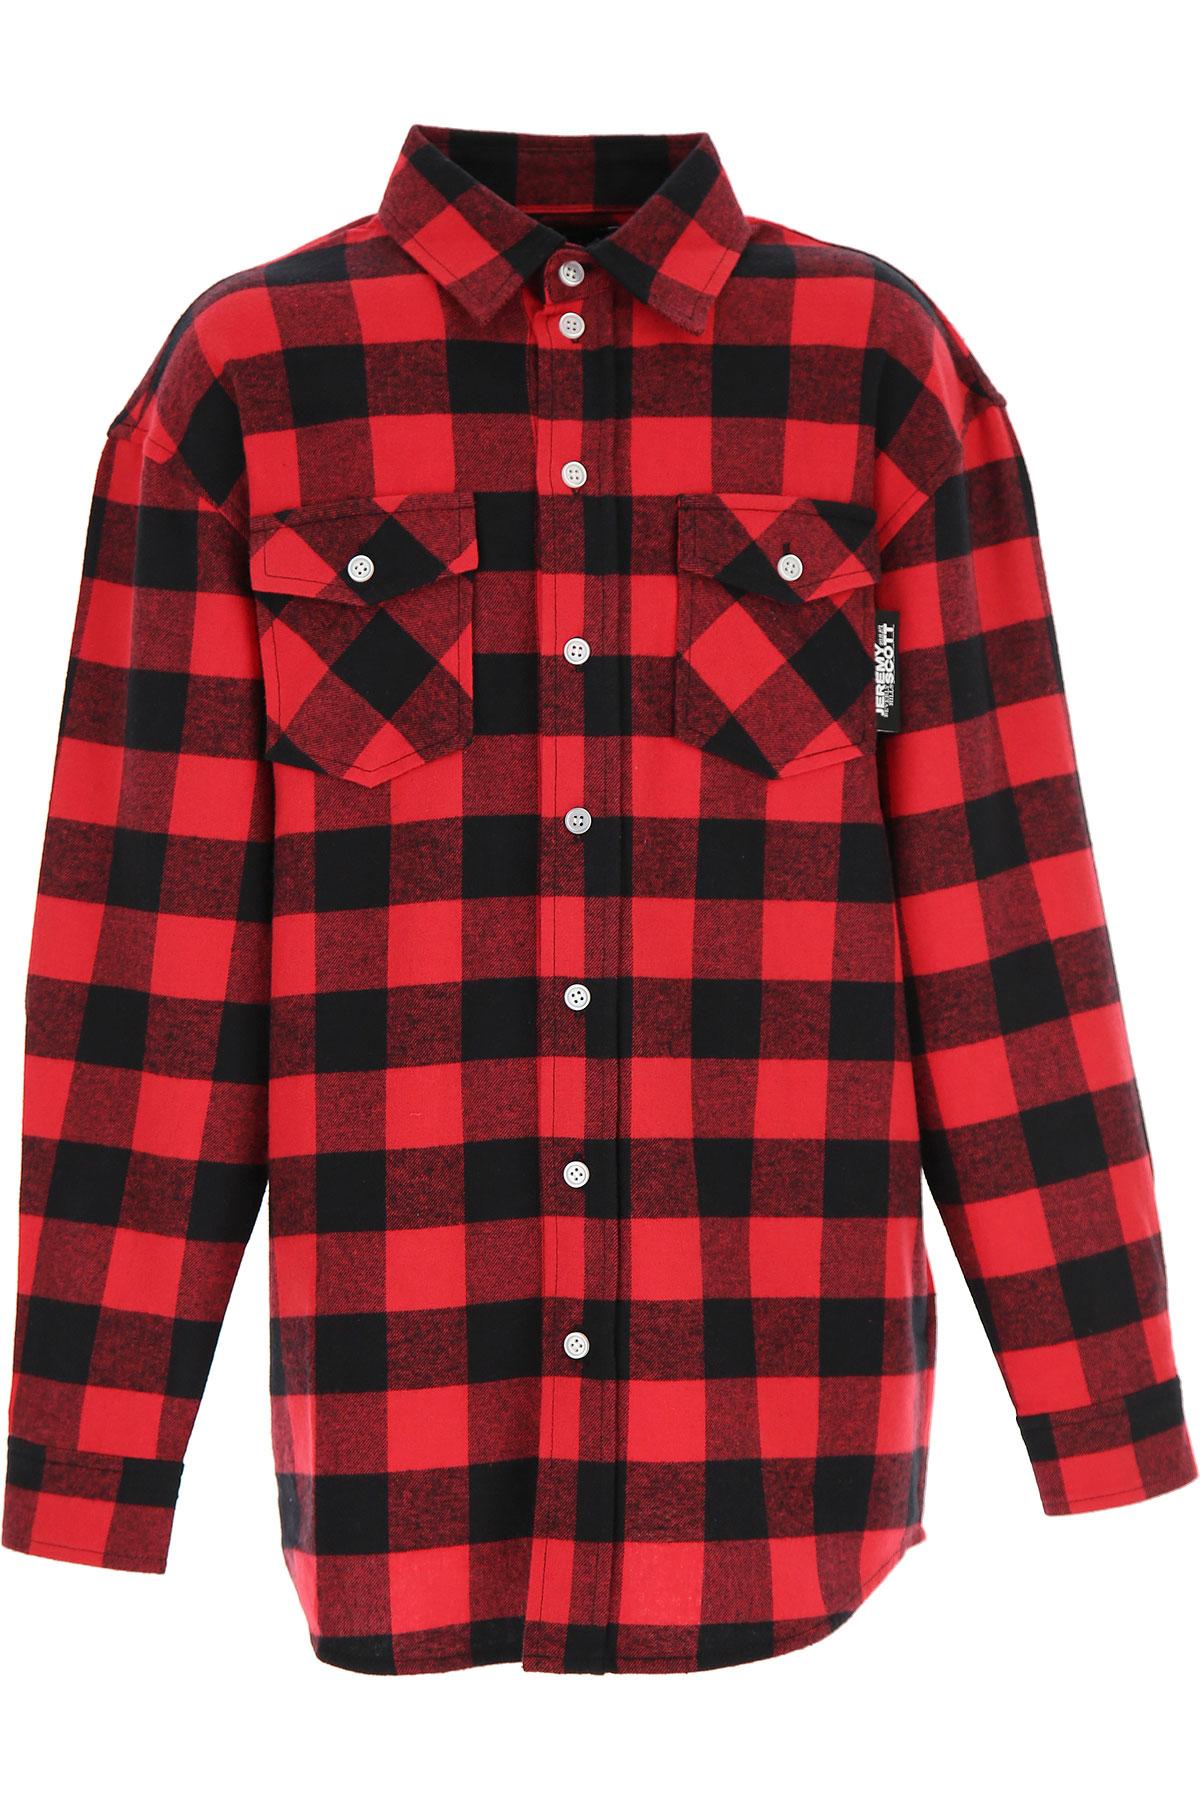 Jeremy Scott Kids Shirts for Boys On Sale, Red, Cotton, 2019, 10Y 12Y 14Y 16Y 8Y